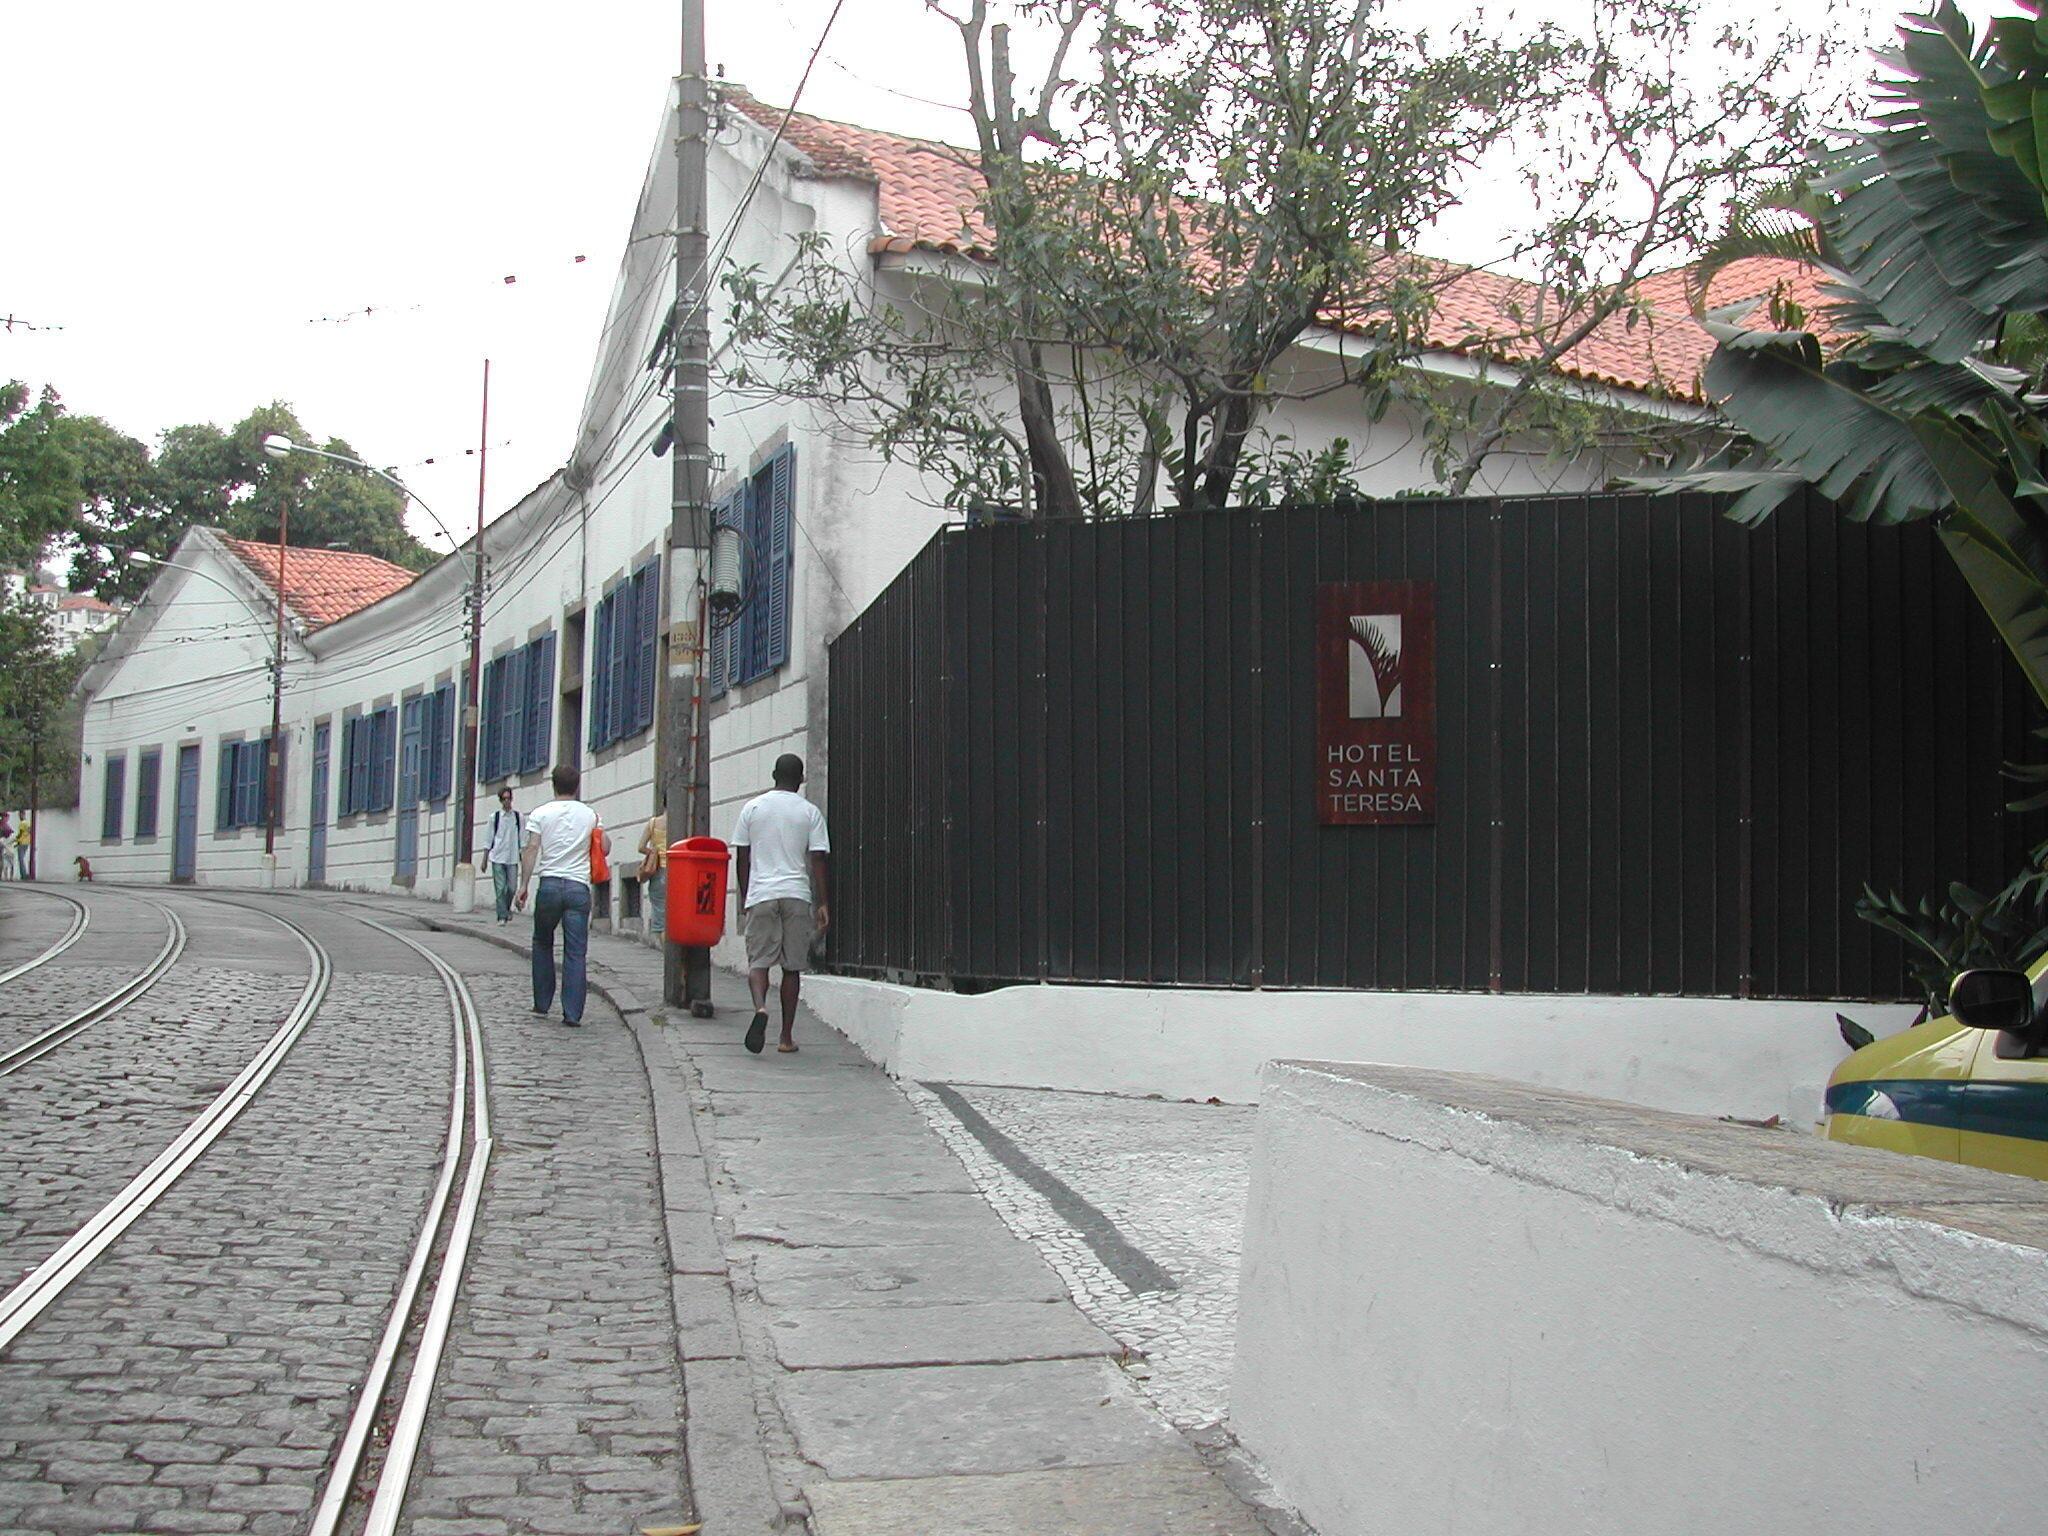 Bairro de SantaTeresa no Rio de Janeiro.